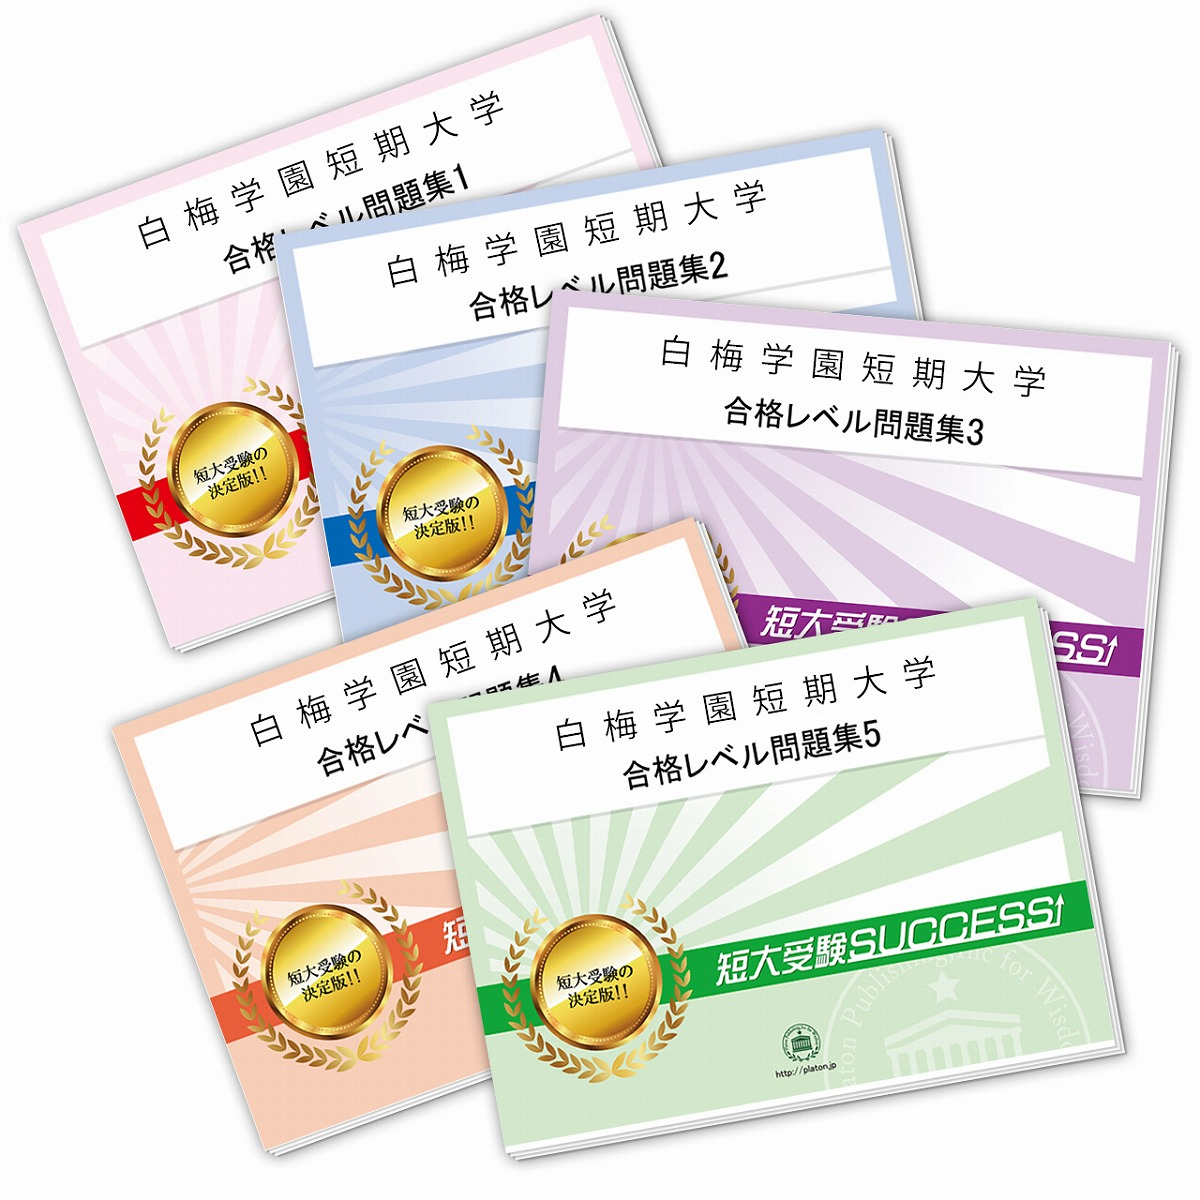 【送料・代引手数料無料】白梅学園短期大学受験合格セット(5冊)